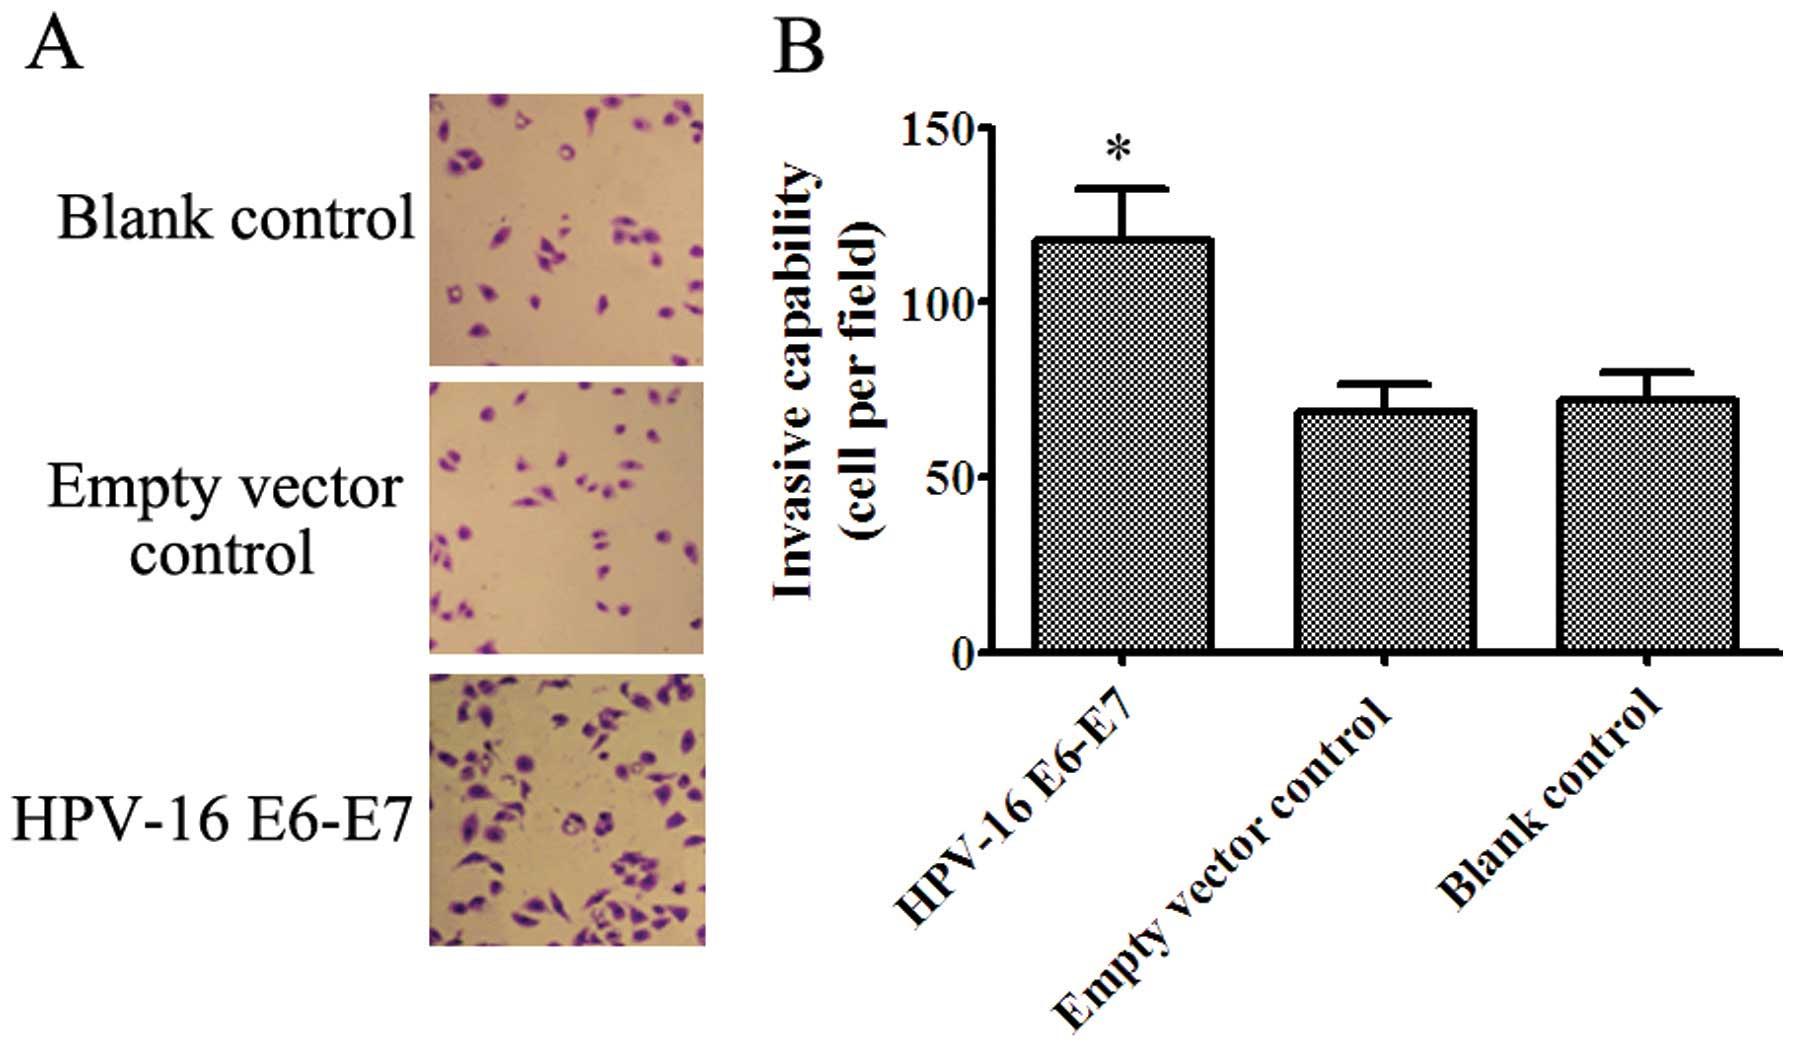 hpv 16 and squamous cell carcinoma oxiuri la copii de 6 ani